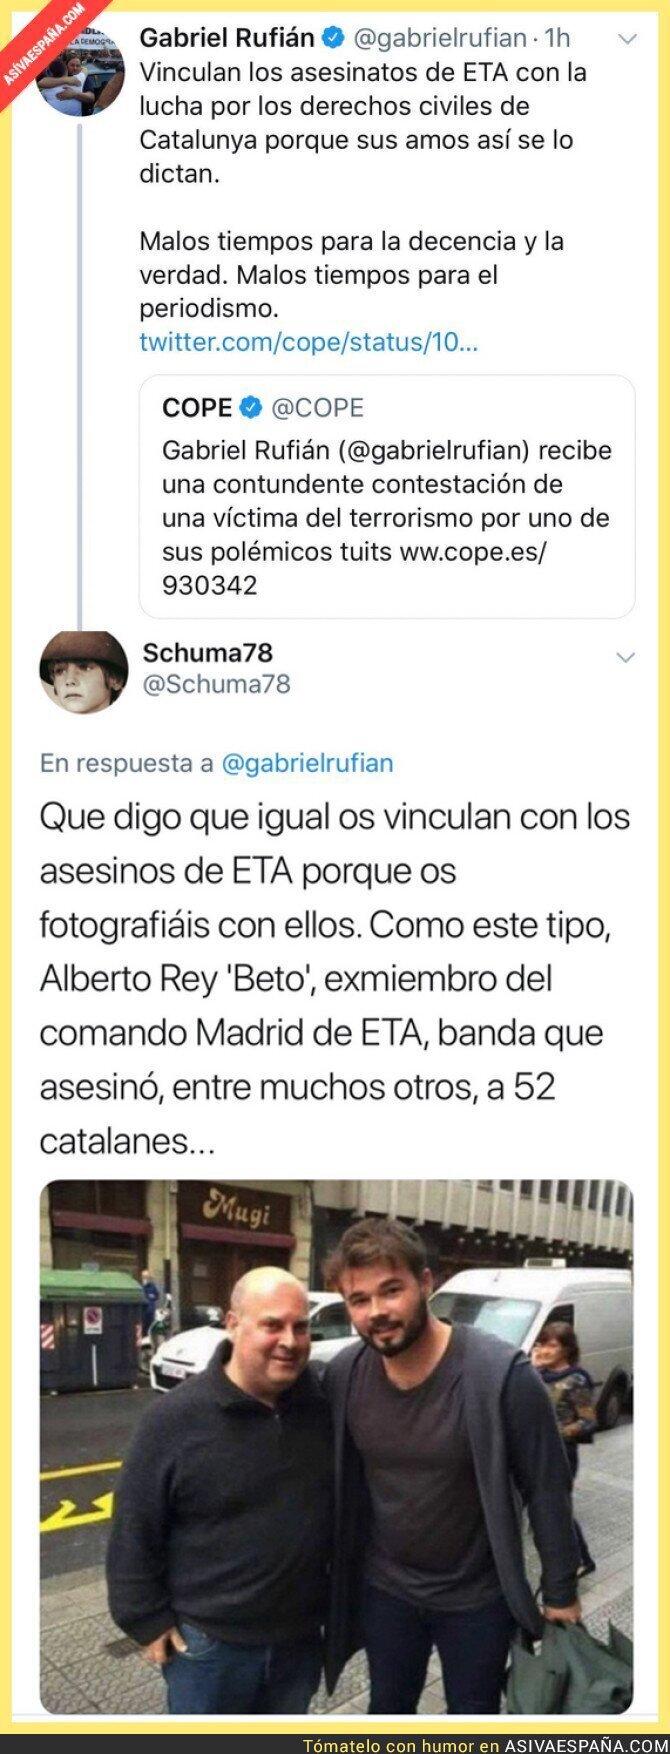 102052 - Gabriel Rufián llora porque les relacionan con ETA y se lleva una respuesta bien dolorosa